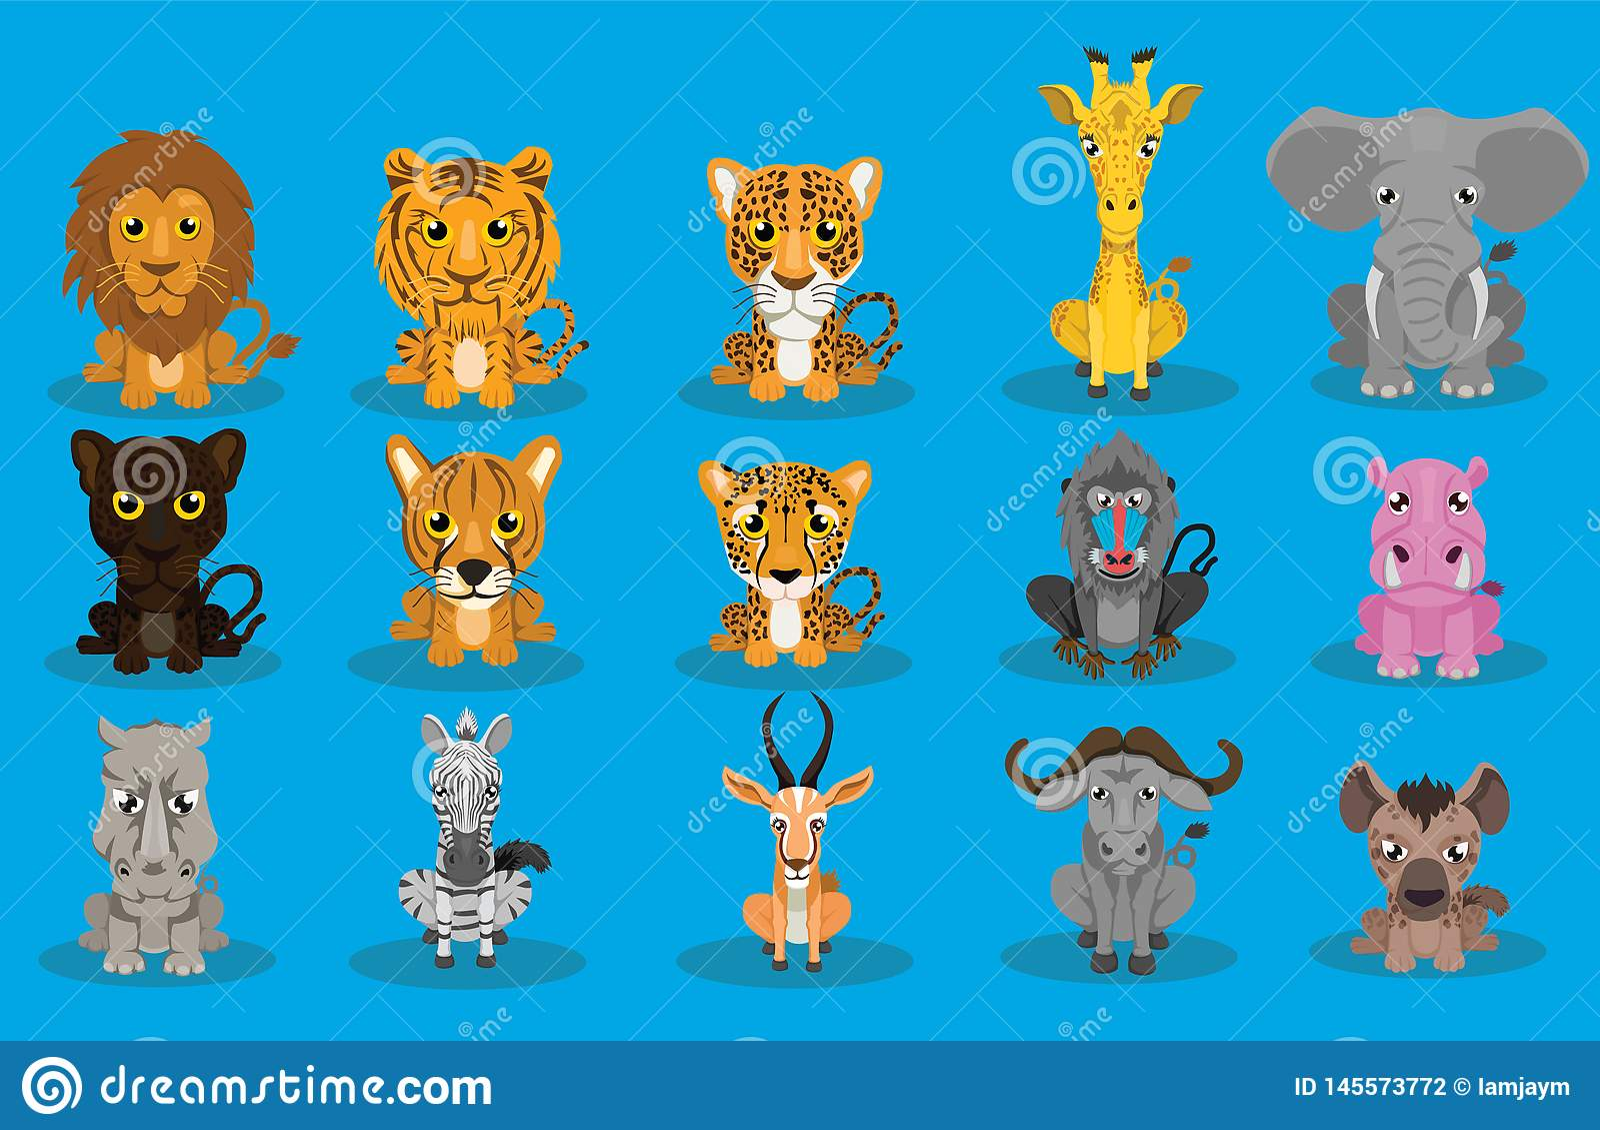 Набор вектора дизайна мультфильма дикого животного